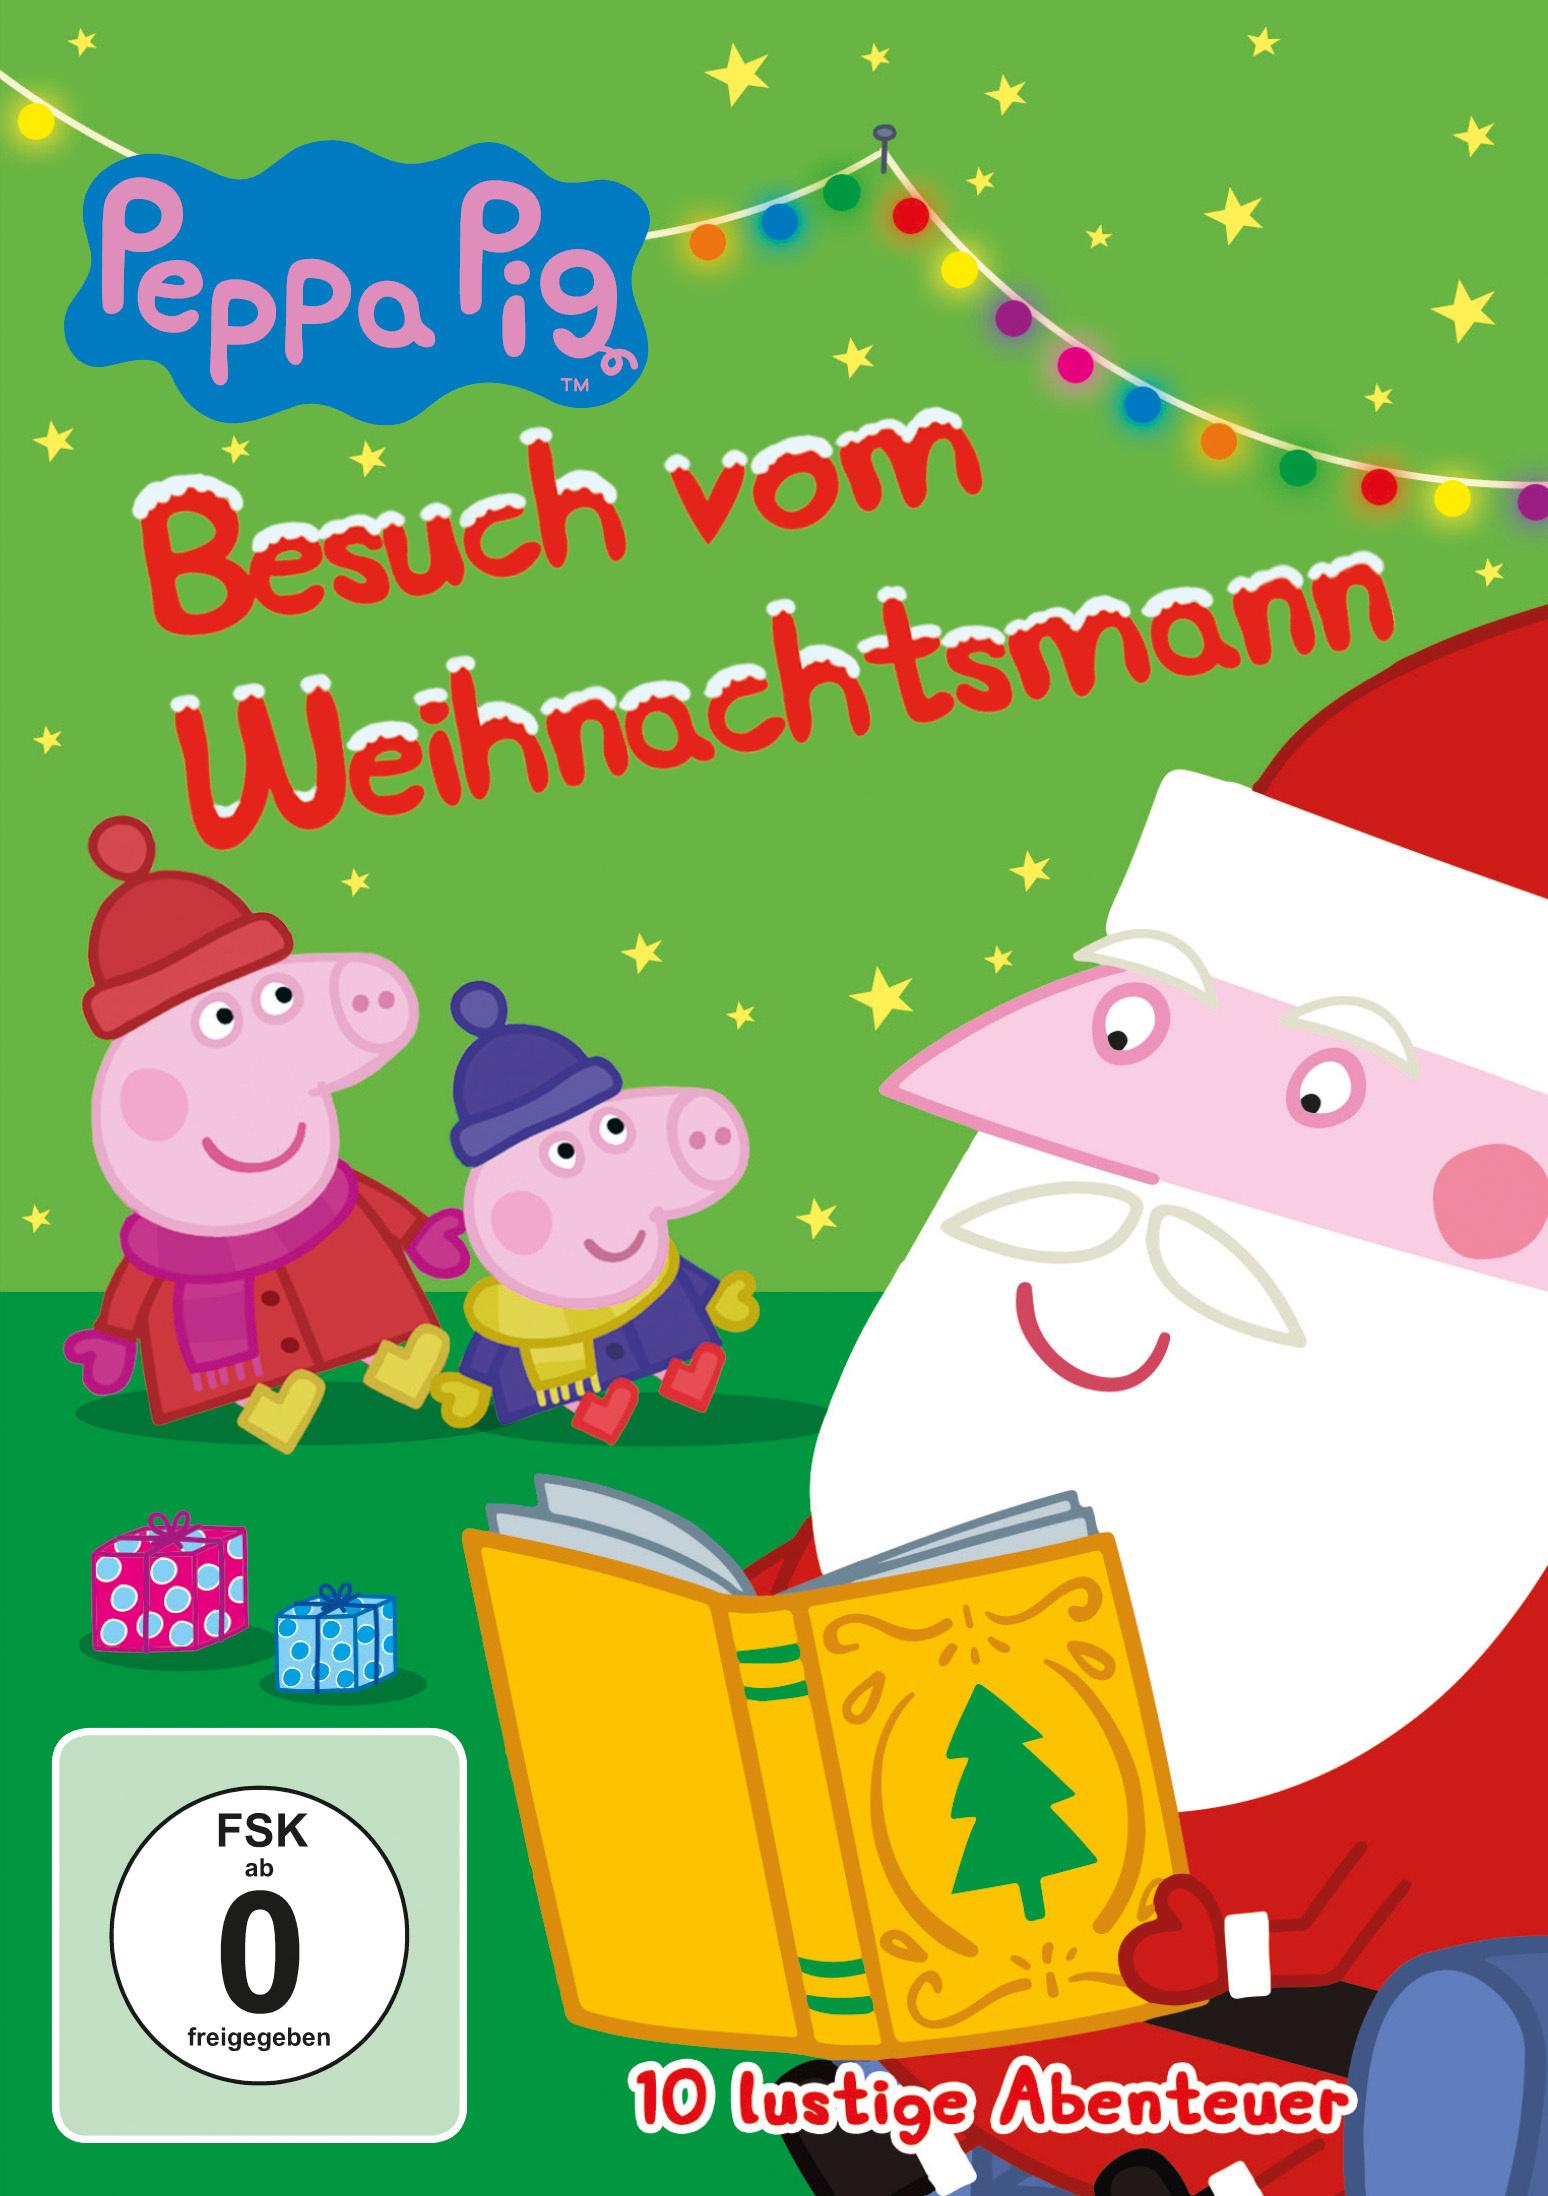 Image of Peppa Pig - Besuch vom Weihnachtsmann